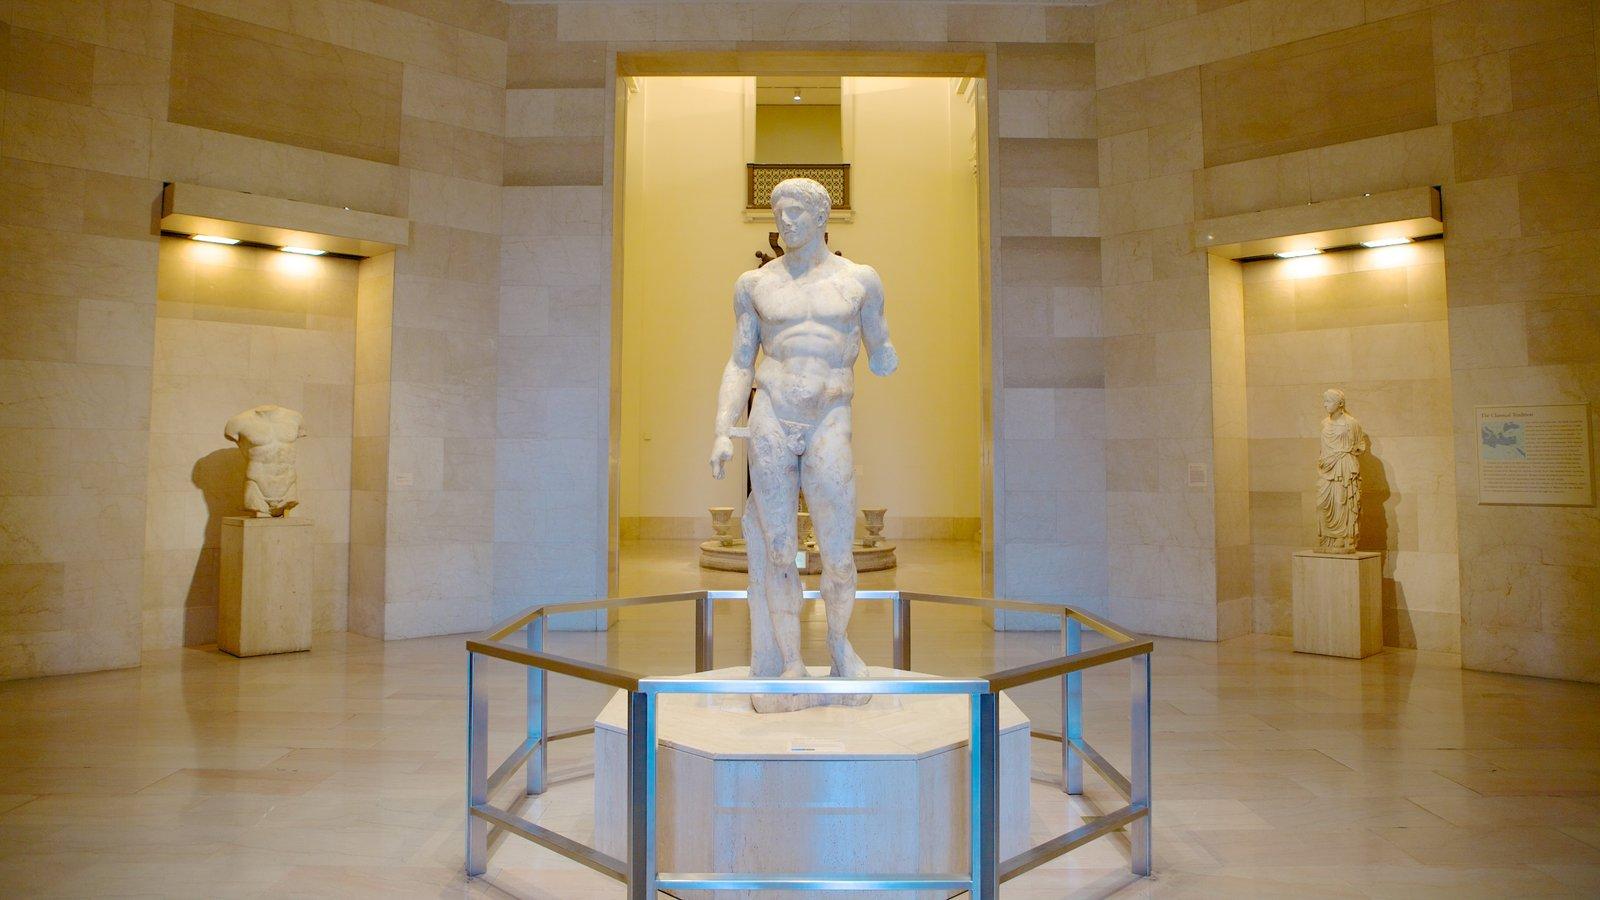 Minneapolis Institute of Arts caracterizando uma estátua ou escultura, vistas internas e arte